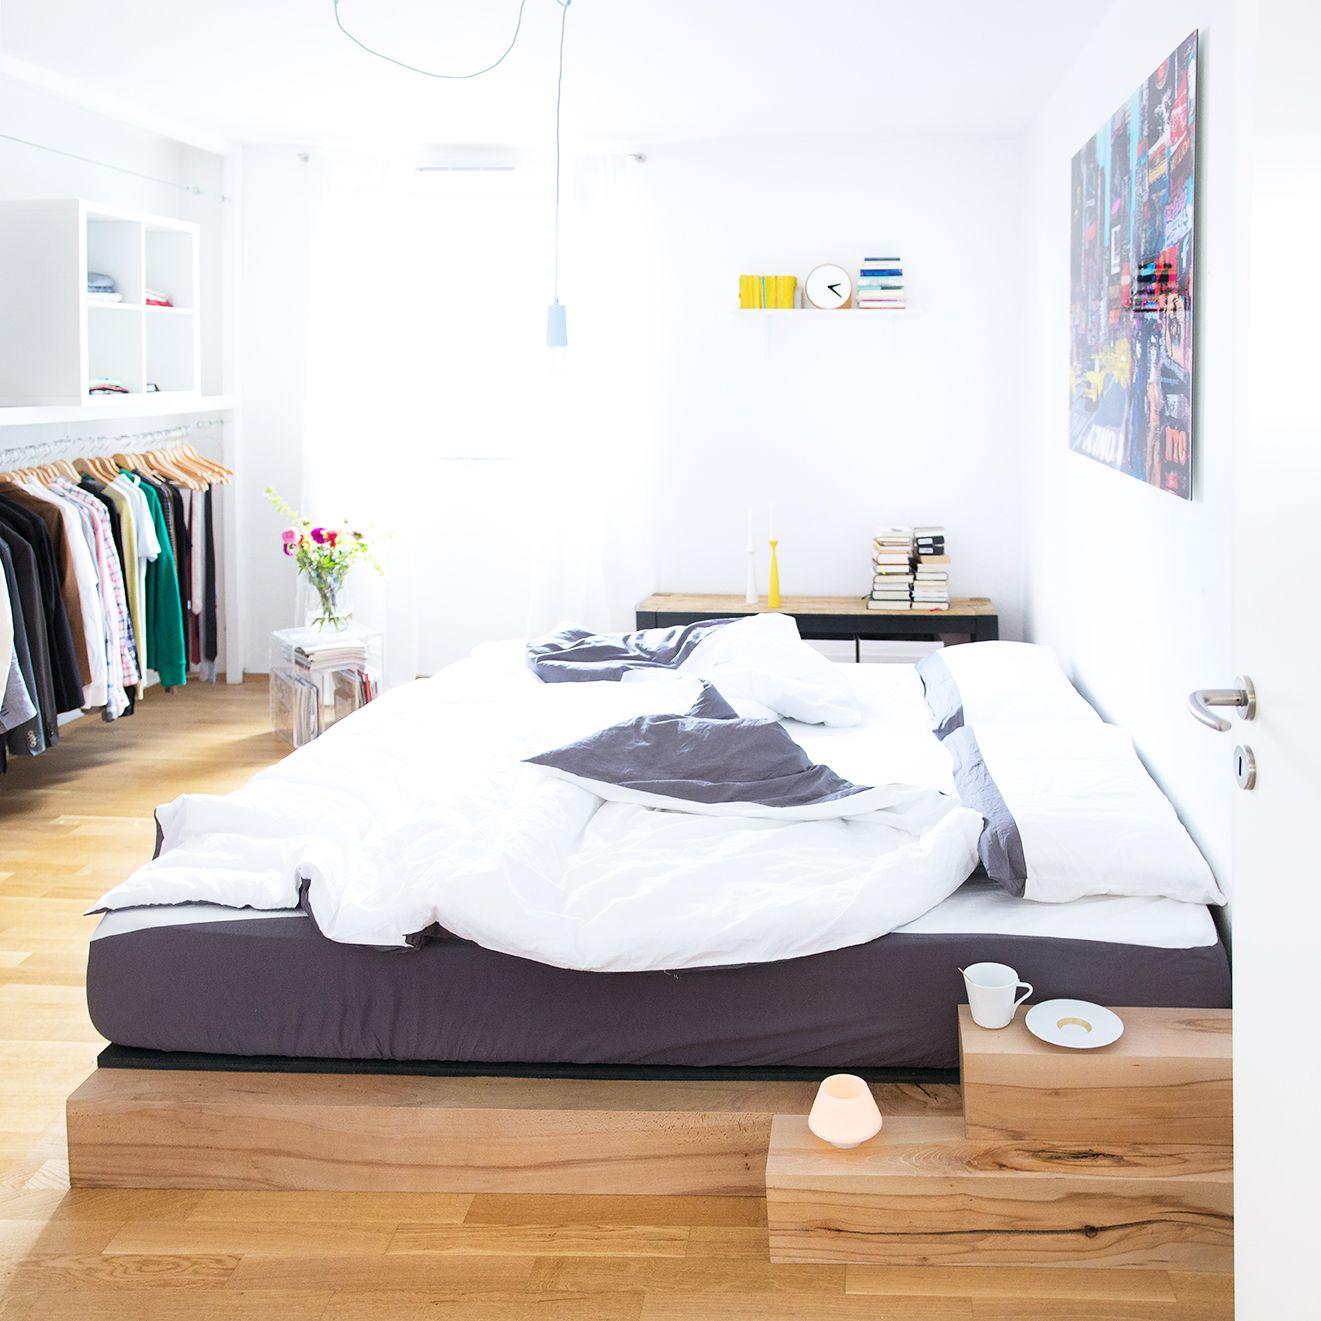 Diy Bett Anleitung Zum Selber Bauen Eines Massiv Holz Bettes Diy Bett Bett Selber Bauen Bett Bauen